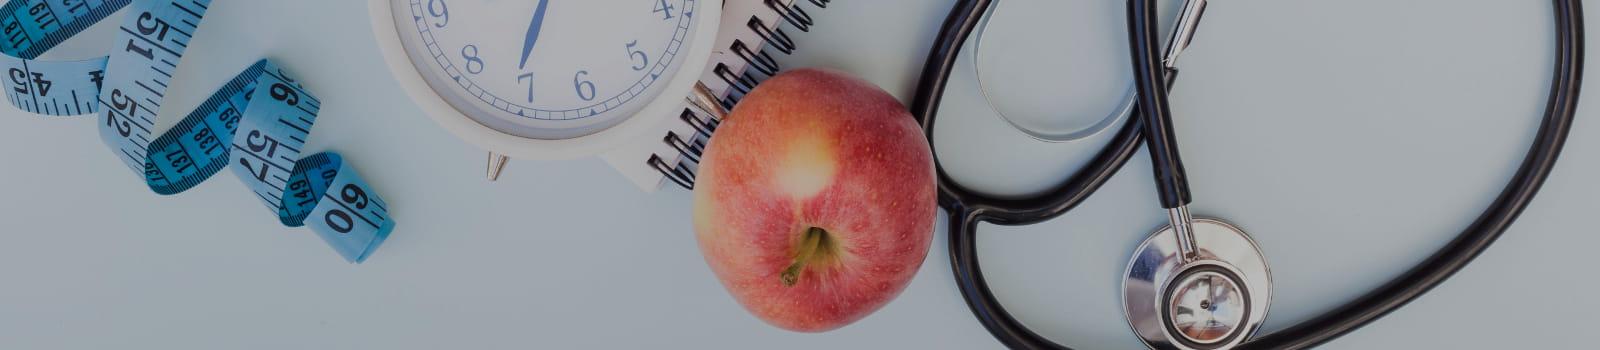 Promoção de saúde no trabalho: equipamentos de proteção.